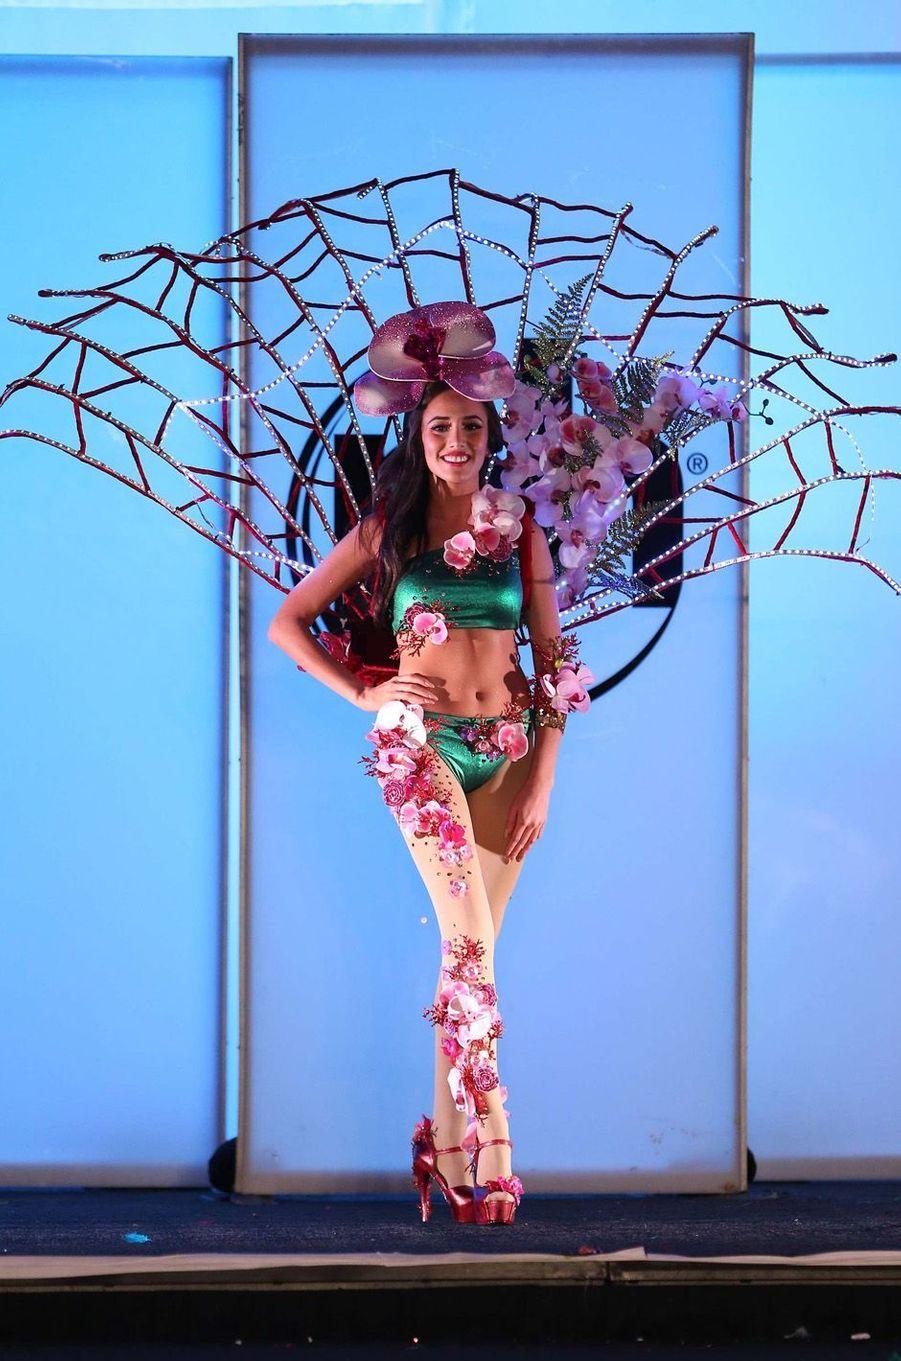 Manuela Bruntraeger, Miss Singapour,en costume national pour le concours Miss Univers, le 18 novembre 2017 à Las Vegas.